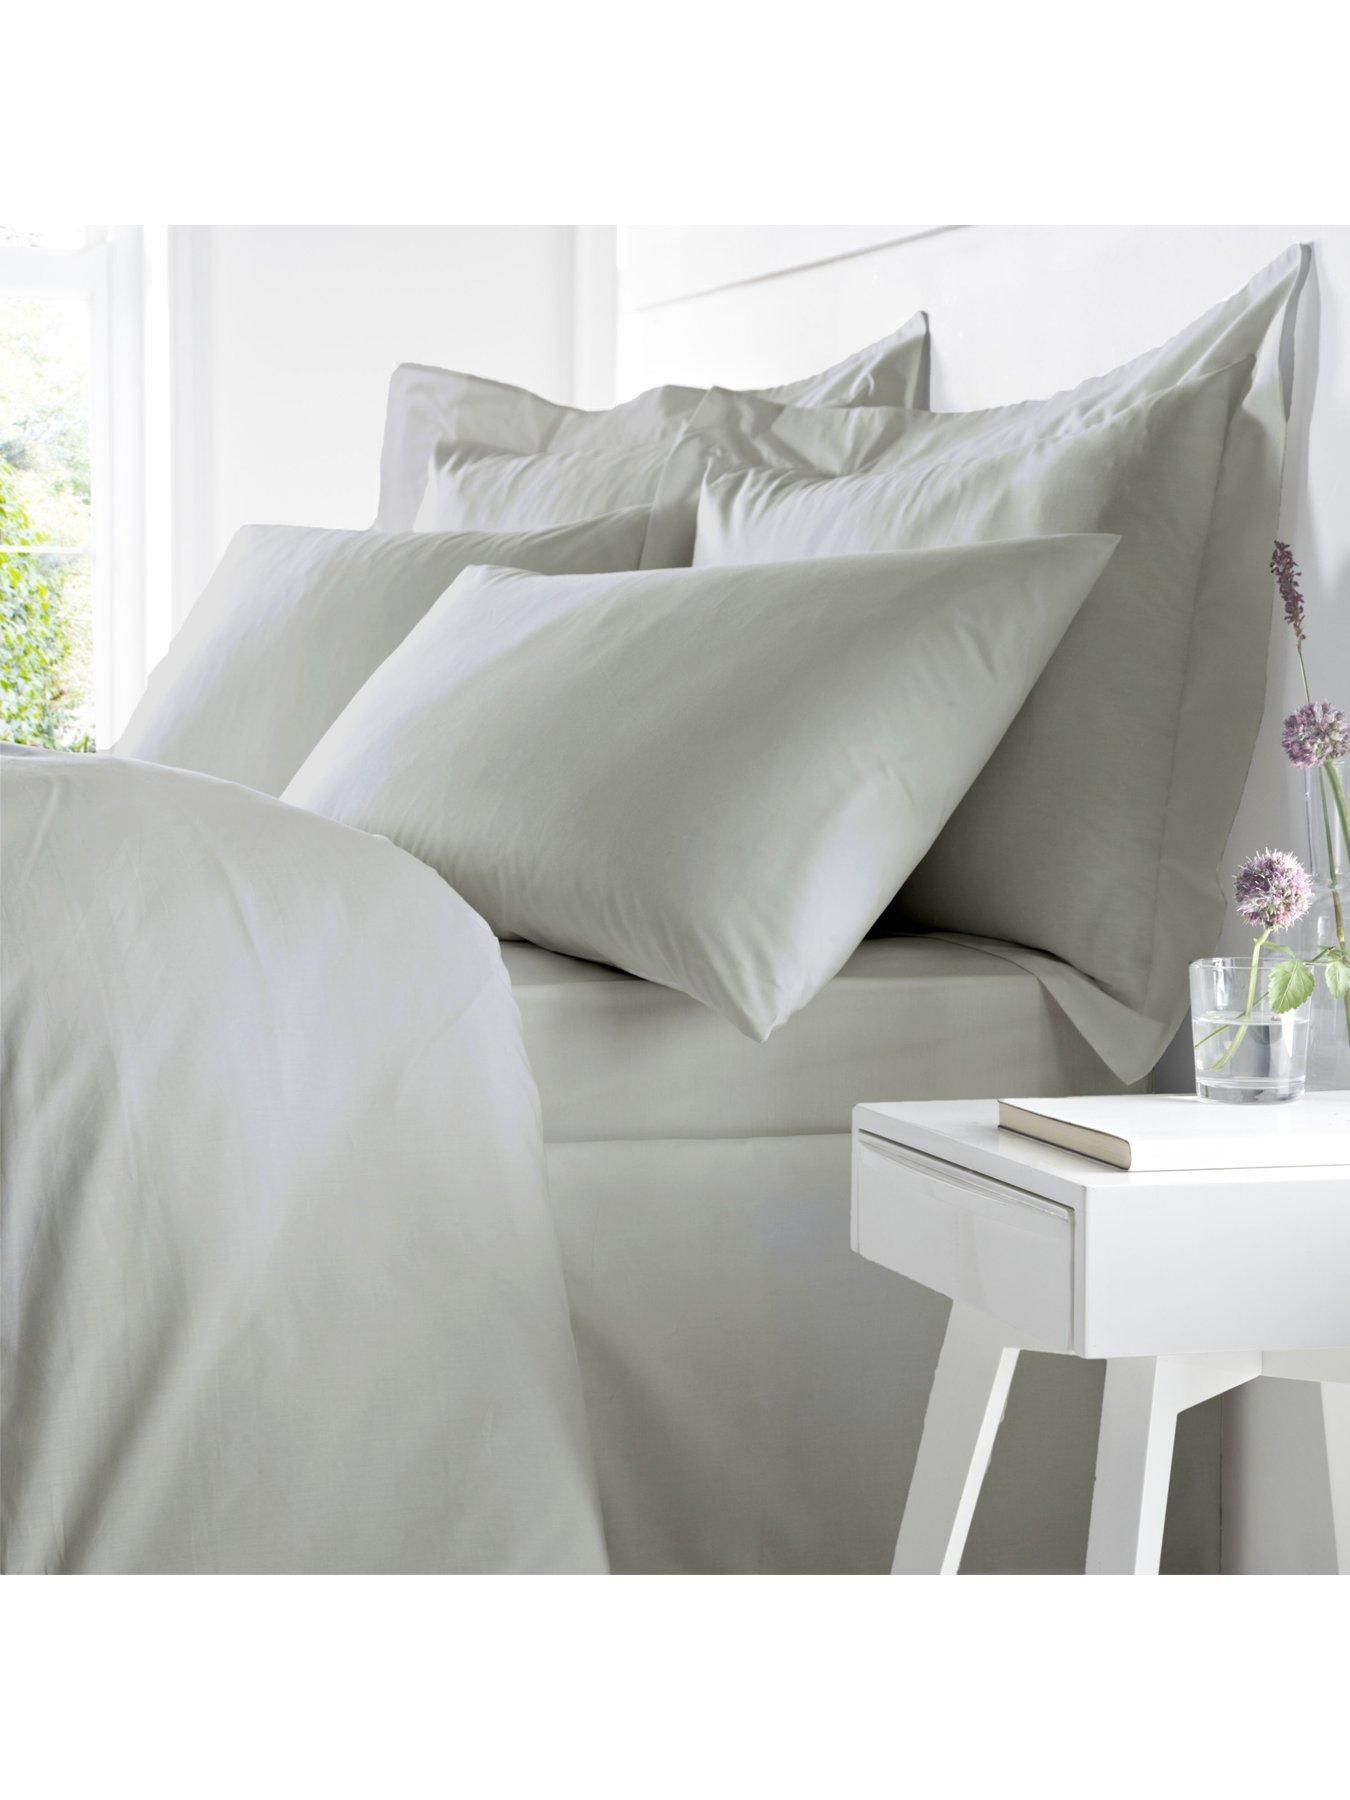 Duvet Cover Crushed Velvet Panel with Pillow Case Bedding NEW Set UK SELLER